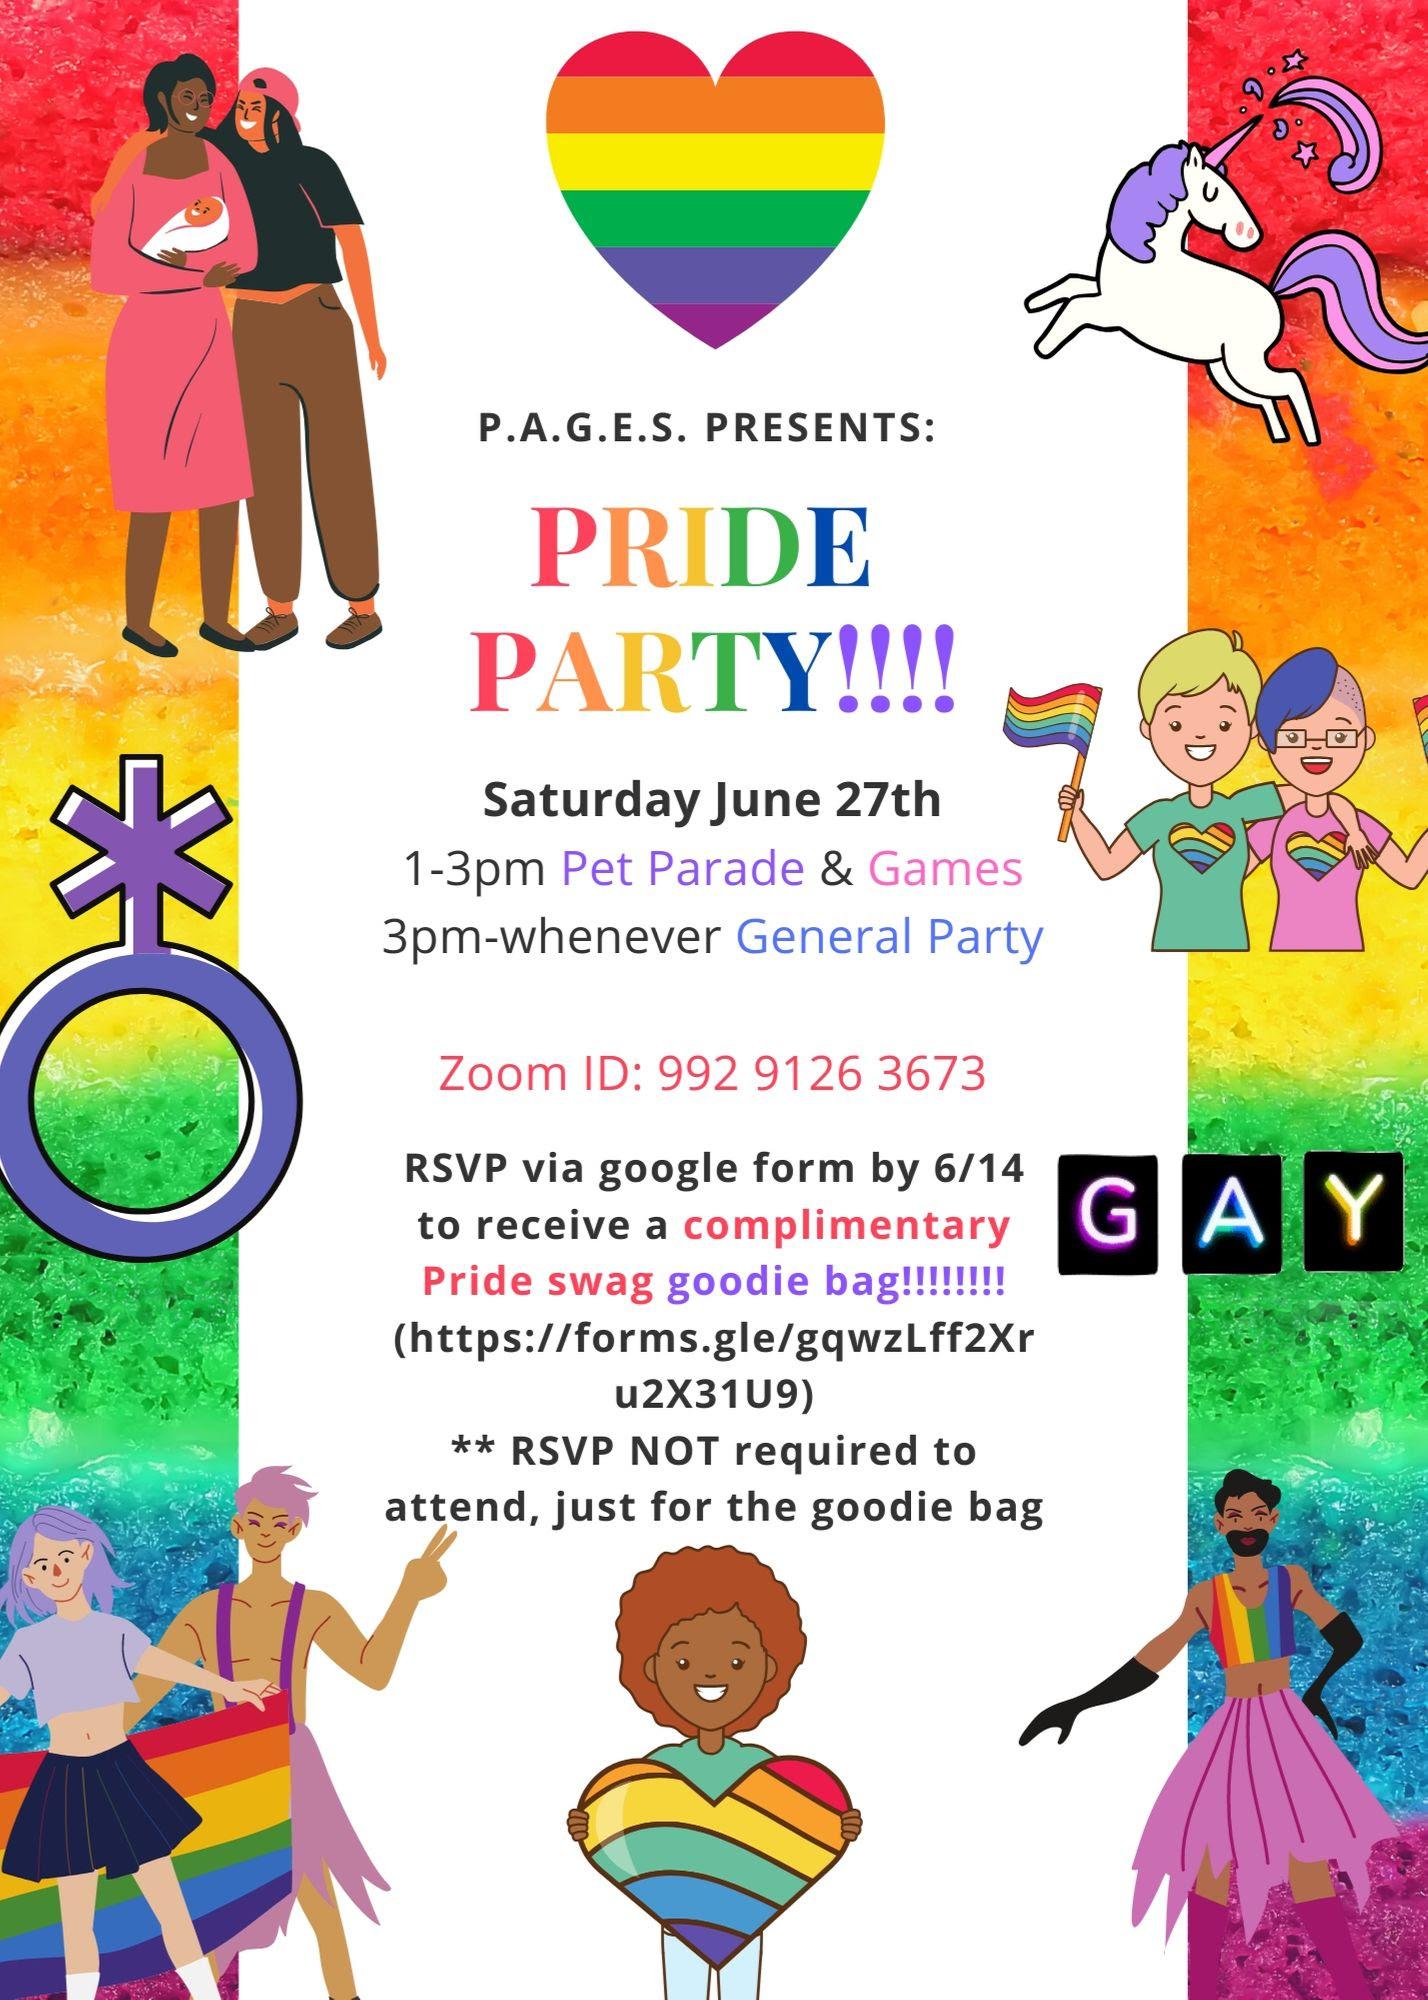 PAU Pride Party Flyer